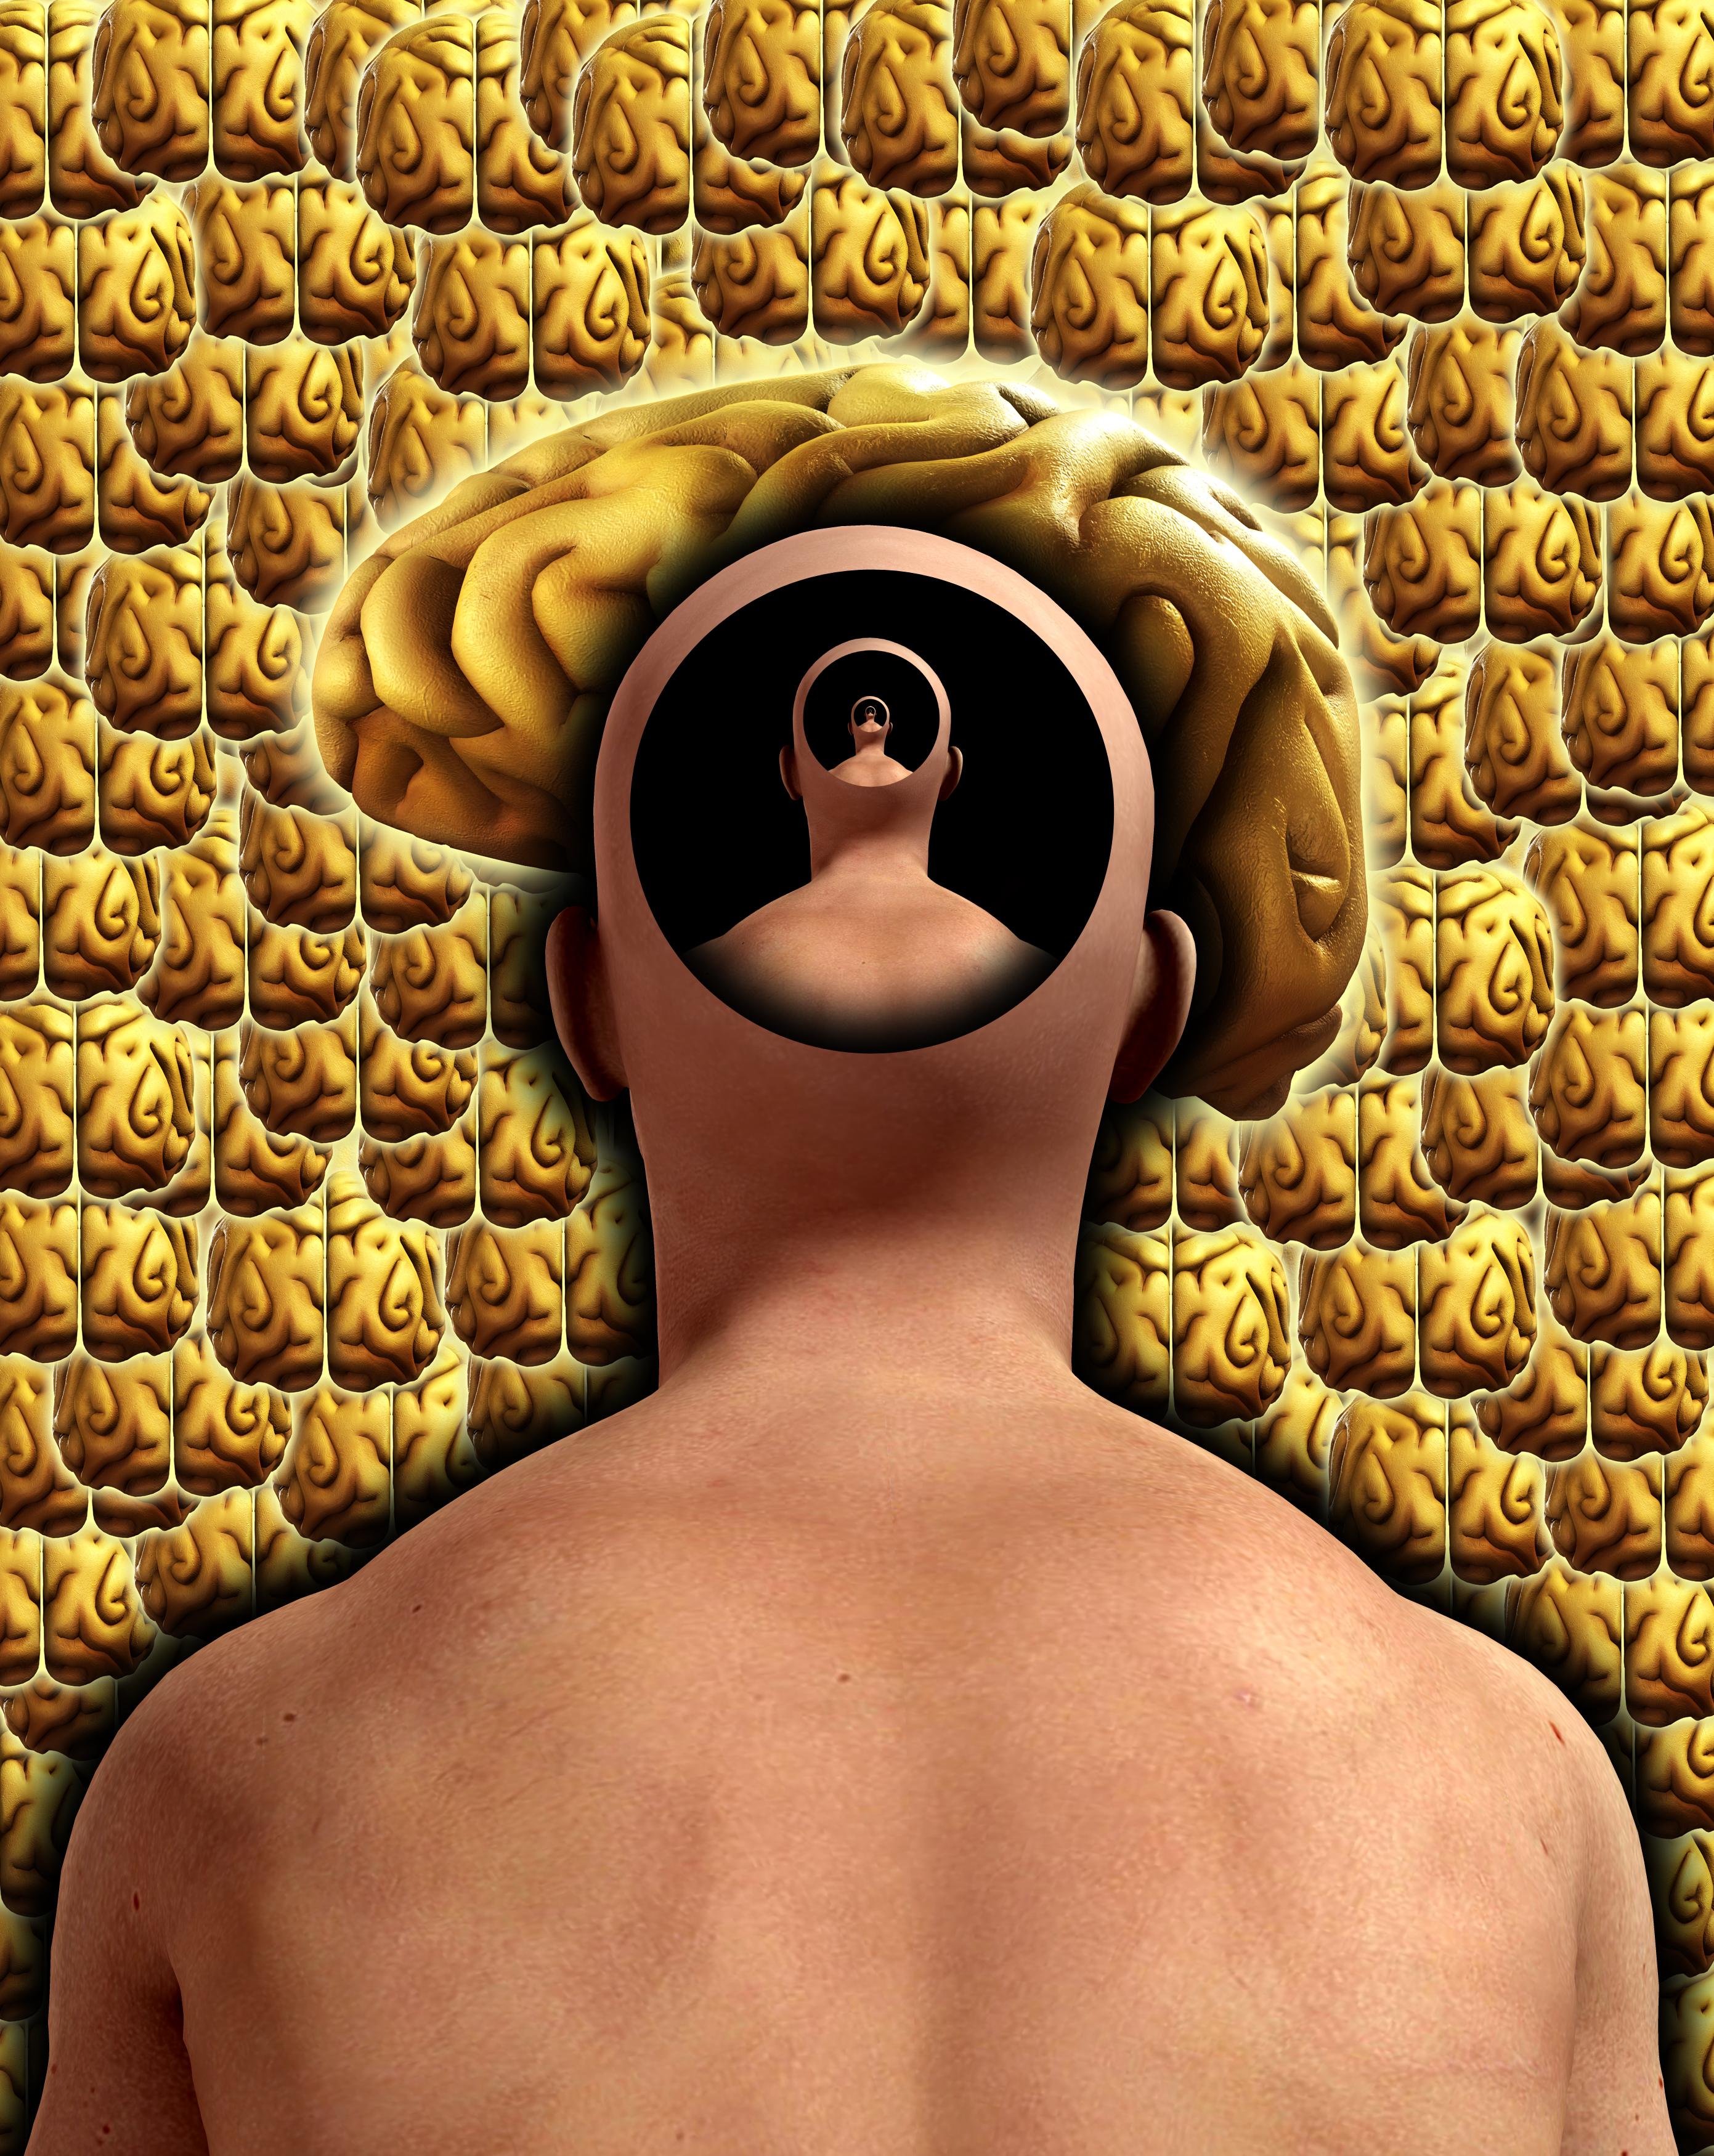 sfatulparintilor.ro - creier imaginatie - stockfreeimages.com